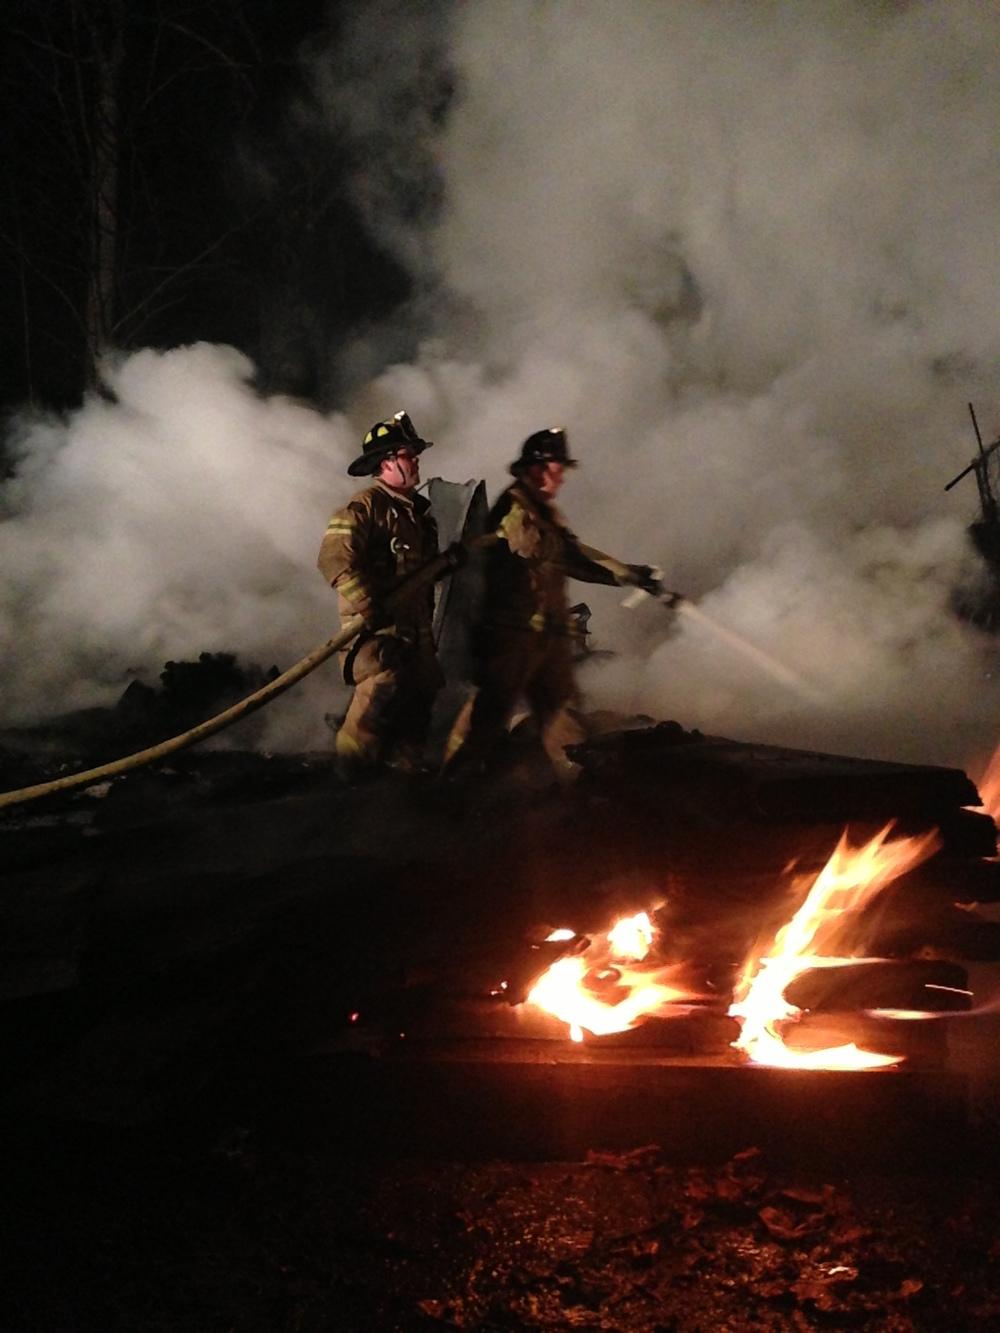 Camp Yaw Paw Fire